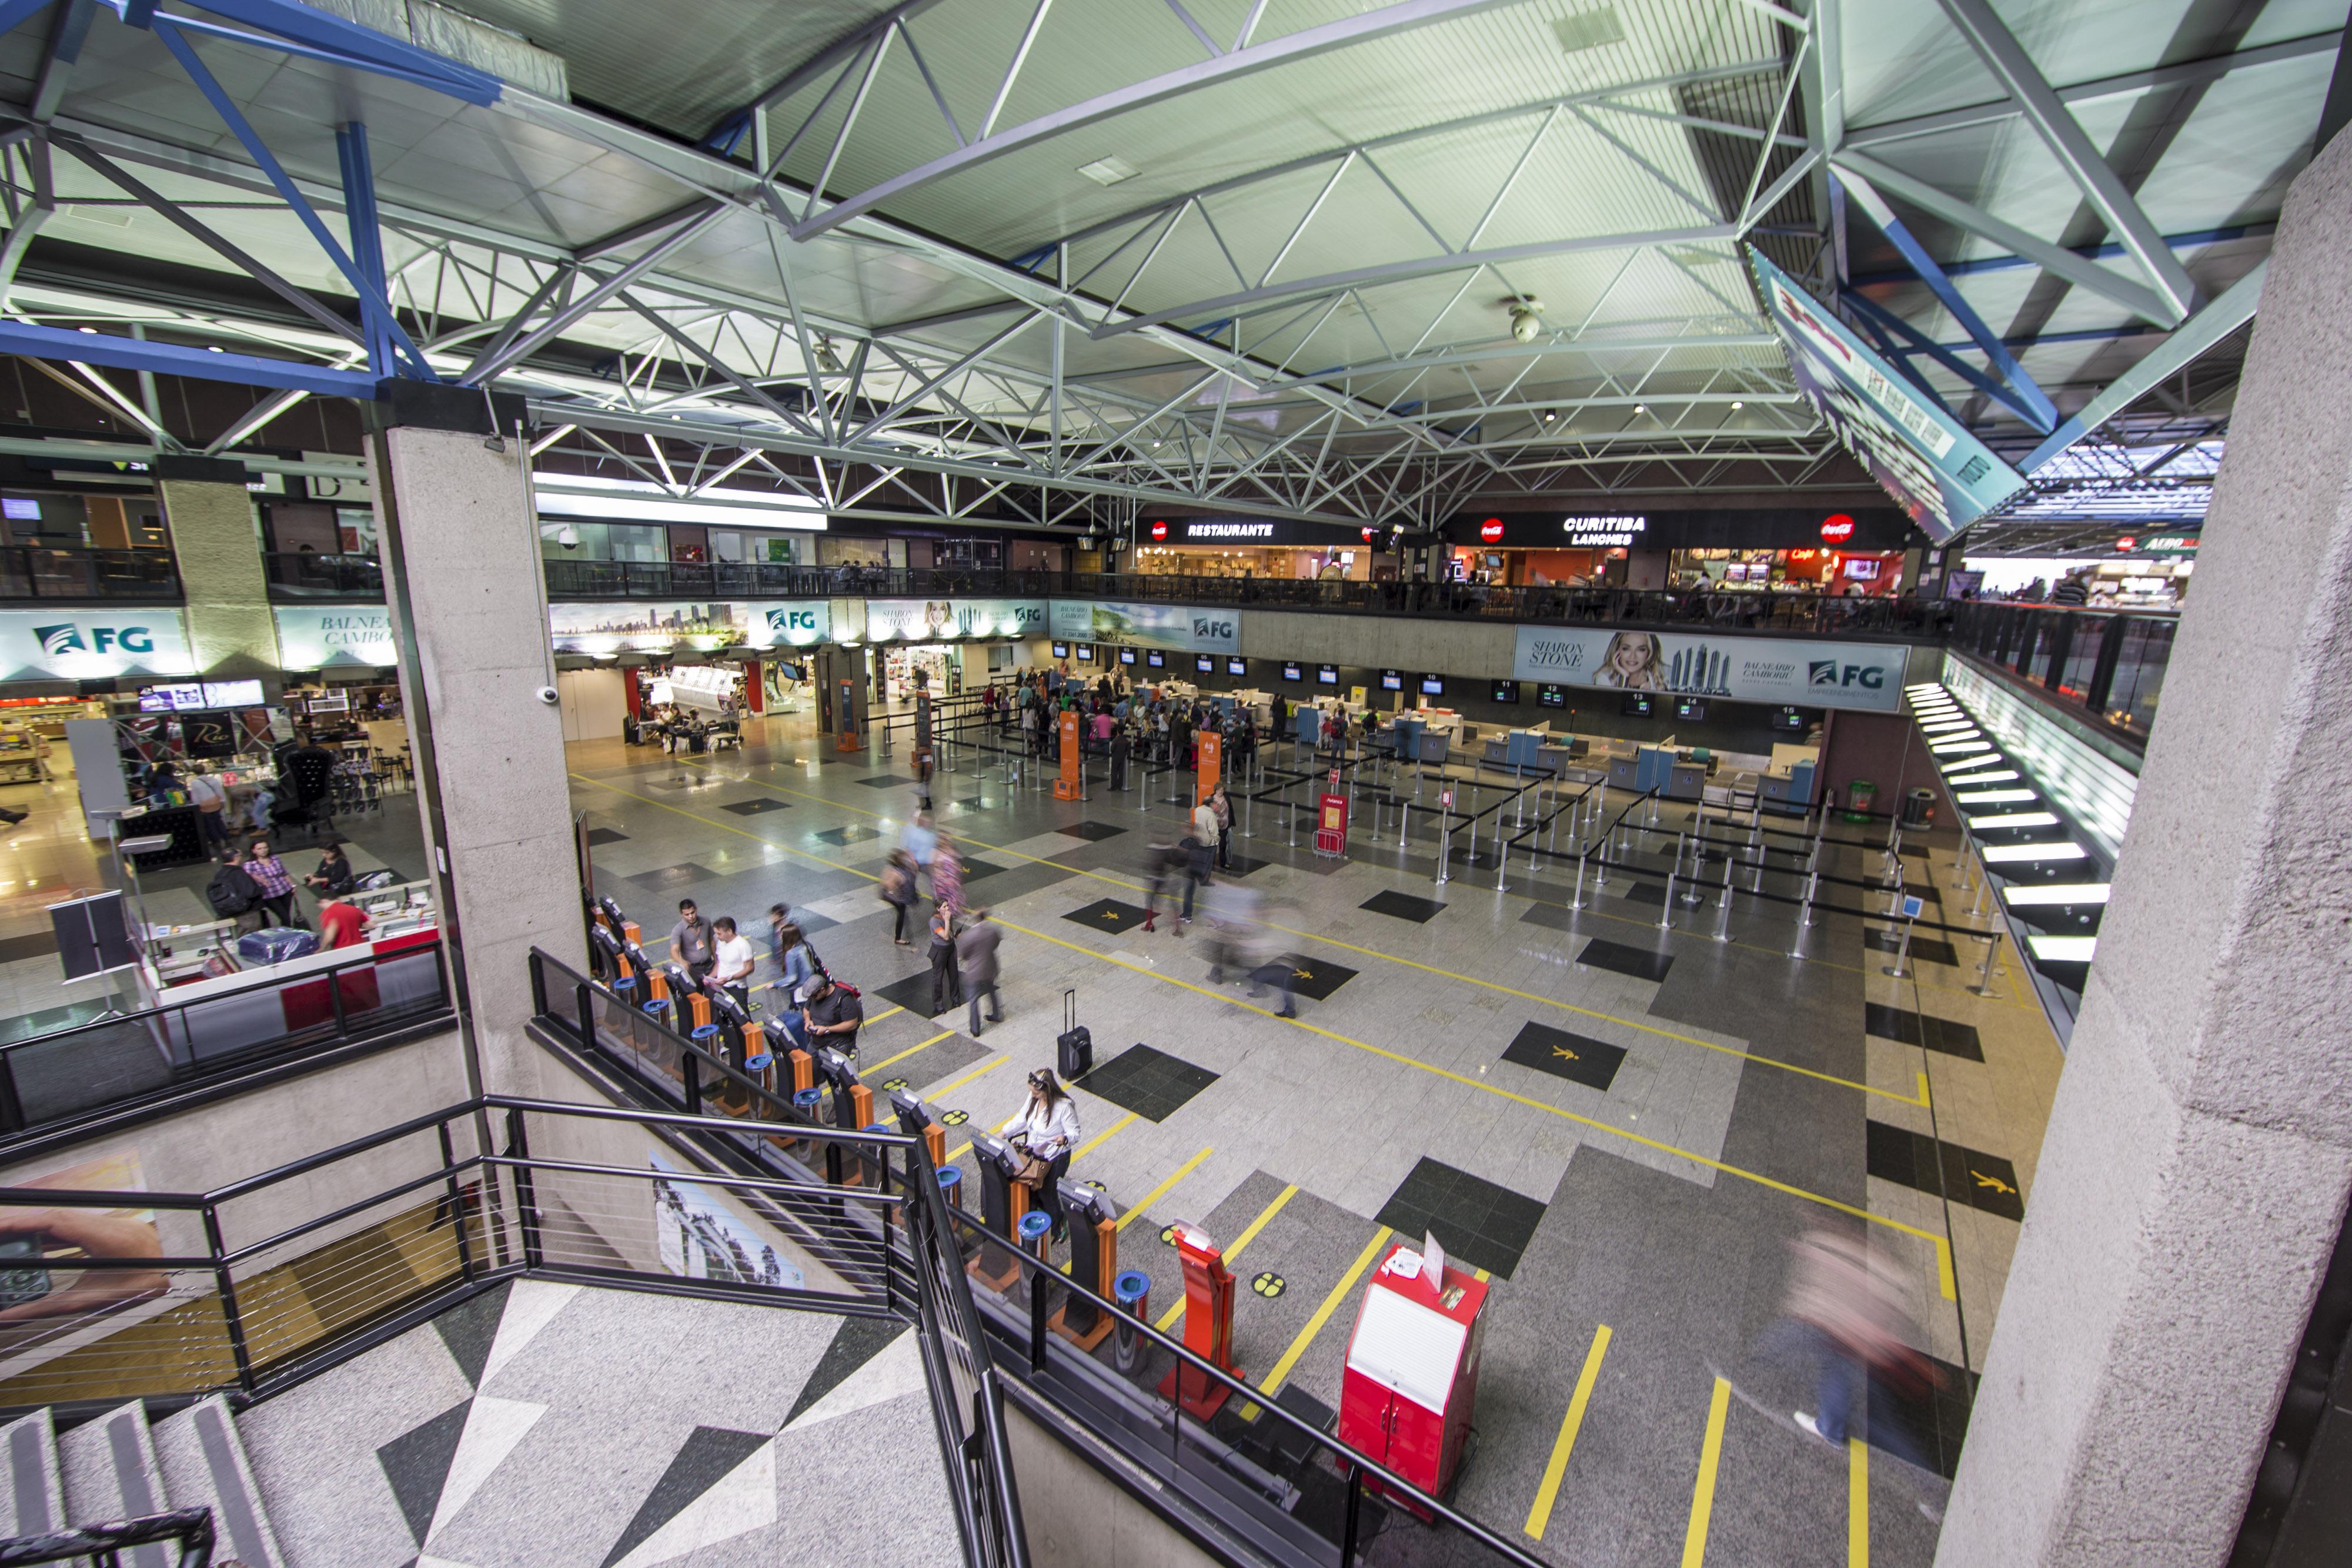 Aeroporto Afonso Pena Curitiba : Pesquisa classifica aeroporto de curitiba como o melhor do